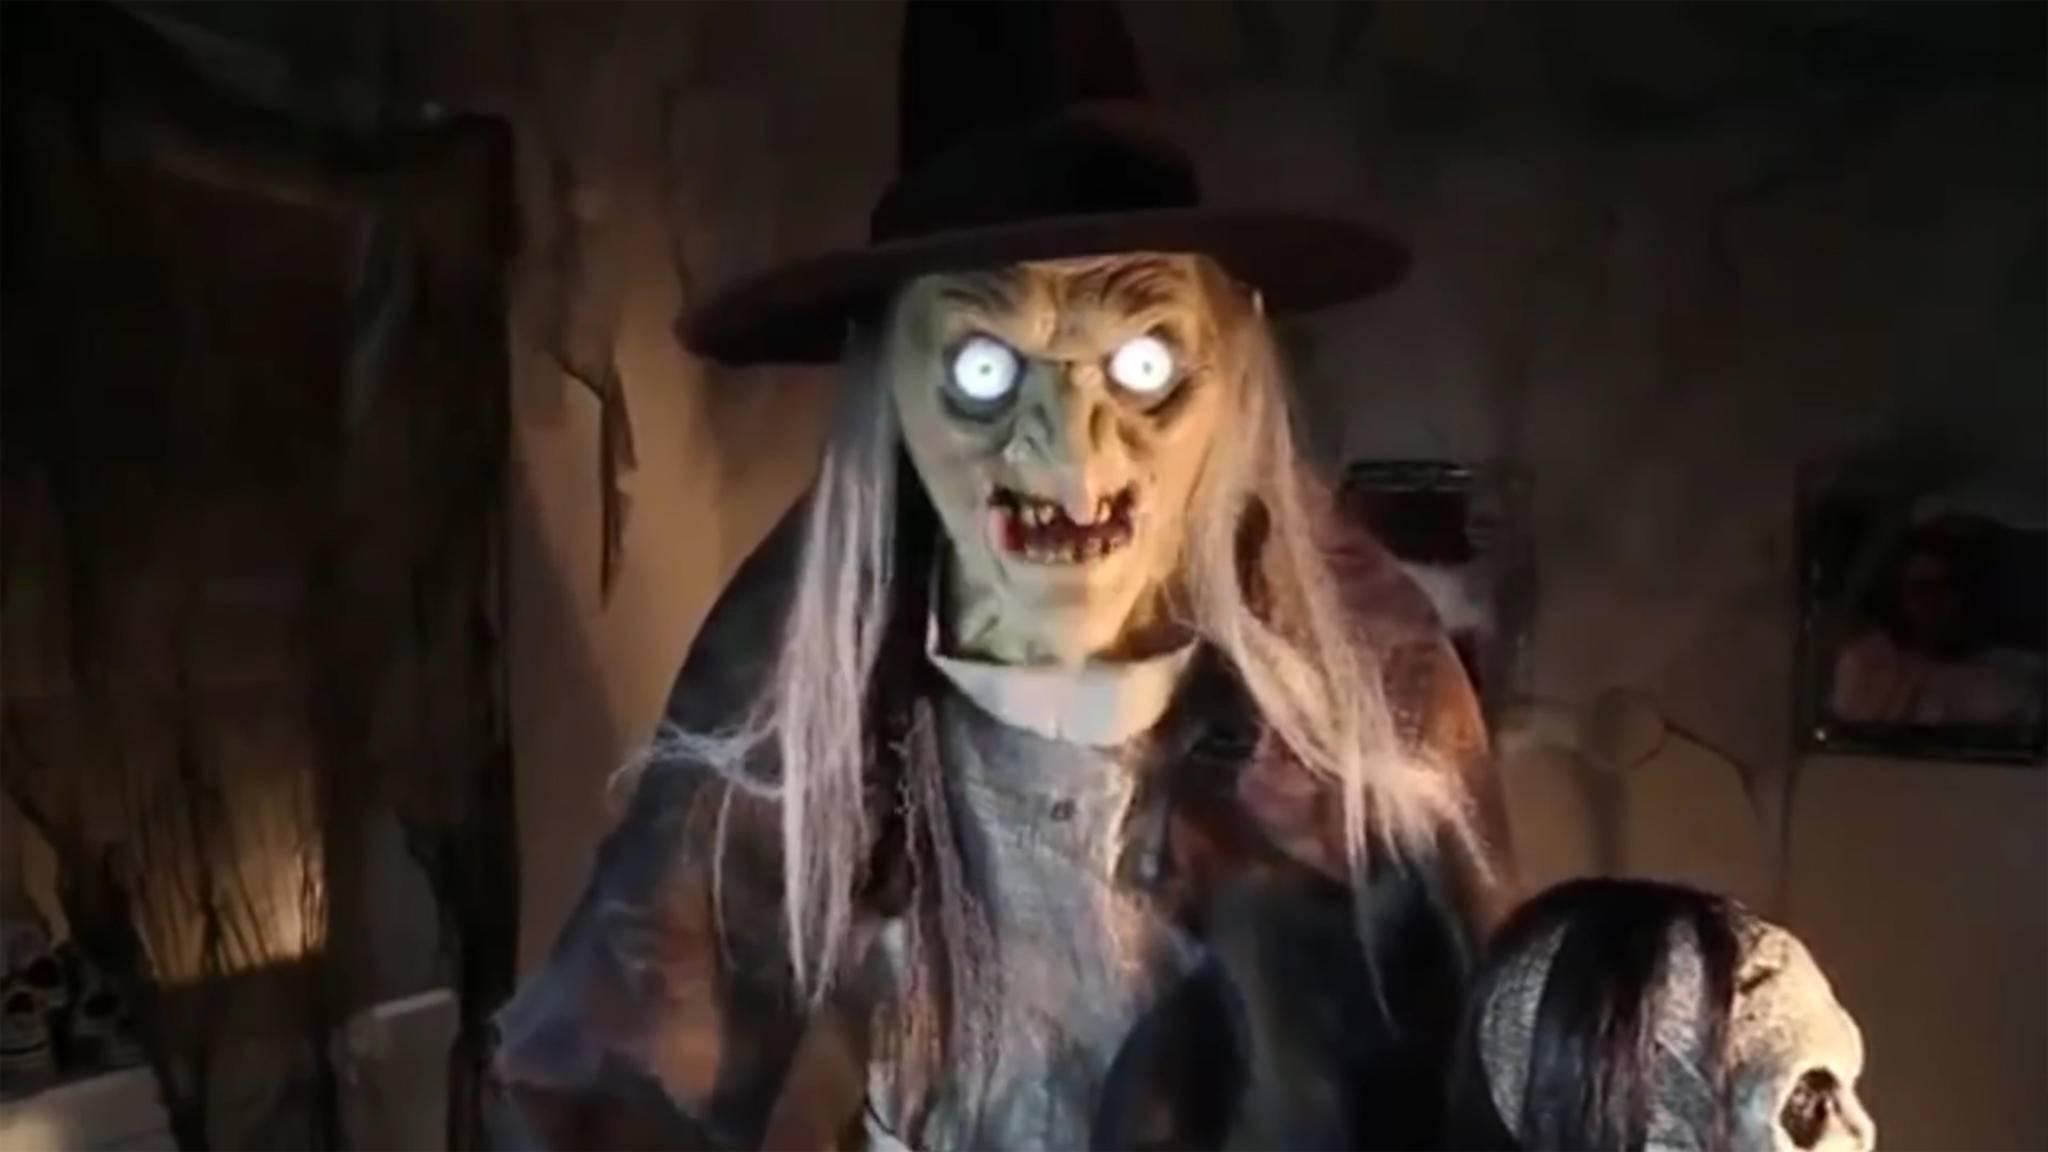 Eine böse Hexe im Wohnzimmer? Dank moderner Tricktechnik sind der Fantasie bei Gruseldeko keine Grenzen gesetzt – solange Du das notwendige Kleingeld hast.